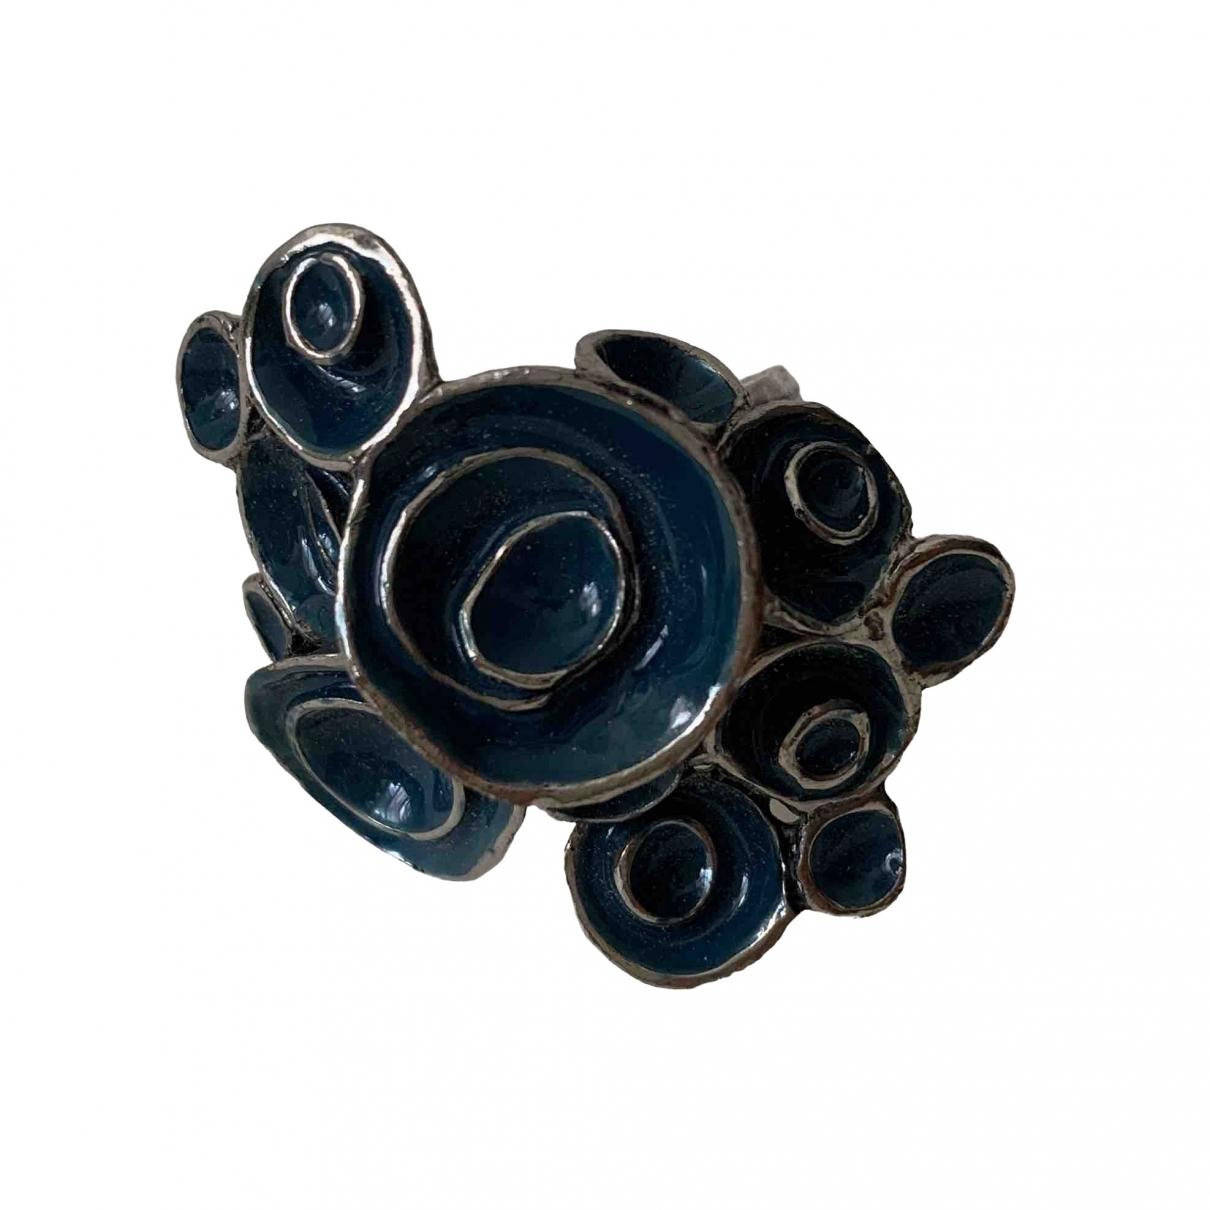 Yves Saint Laurent - Bague Arty pour femme en metal - bleu